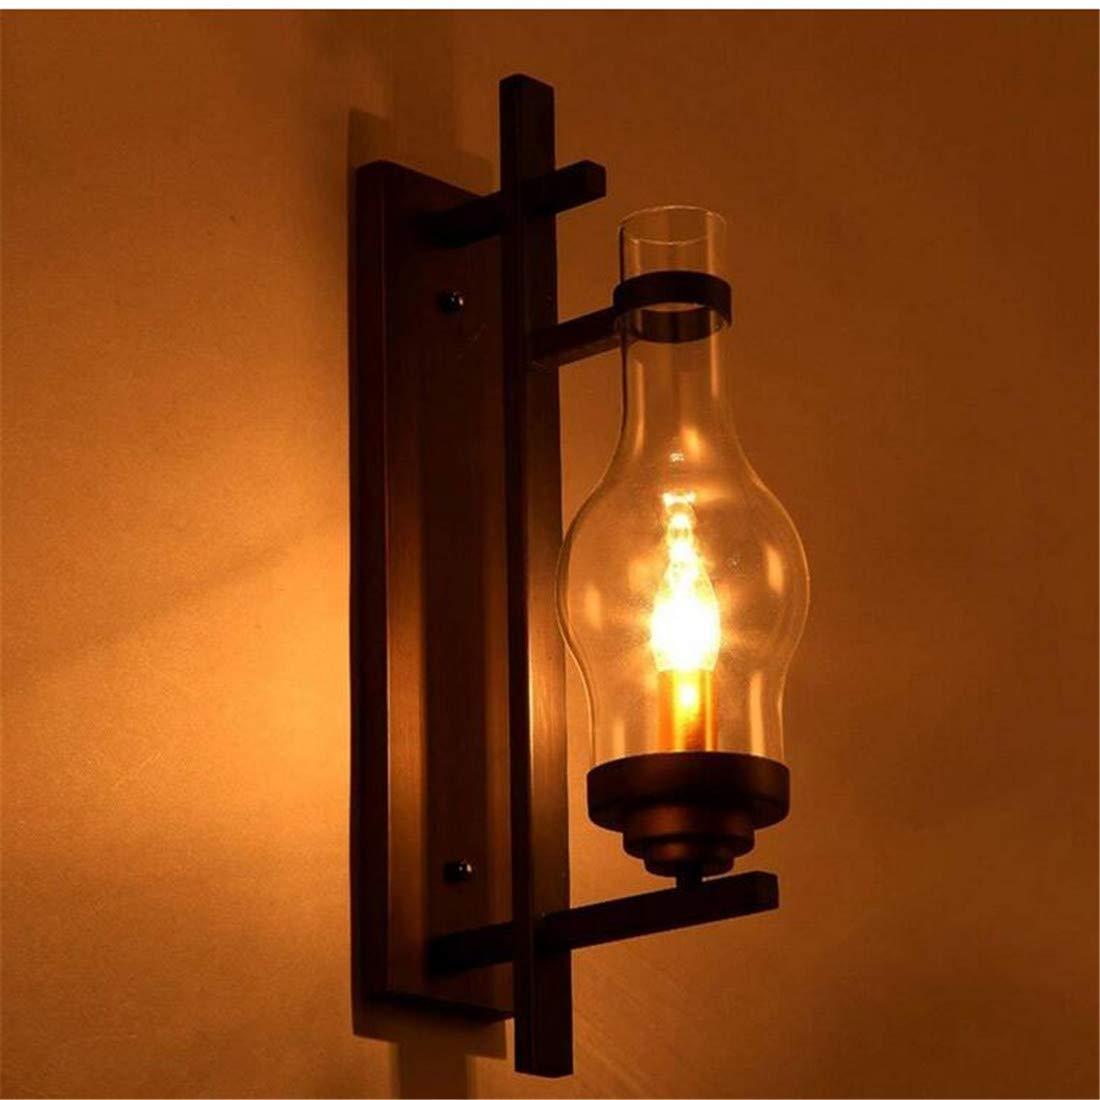 Kunst-Lampen Retrohängelampe Deckenleuchte Kerosinlaterne Wandleuchte Loft Industrielle Wandleuchte Kreative Amerikanische Land Schlafzimmer Nacht Retro Eisen Bar Glas Gang Leuchte